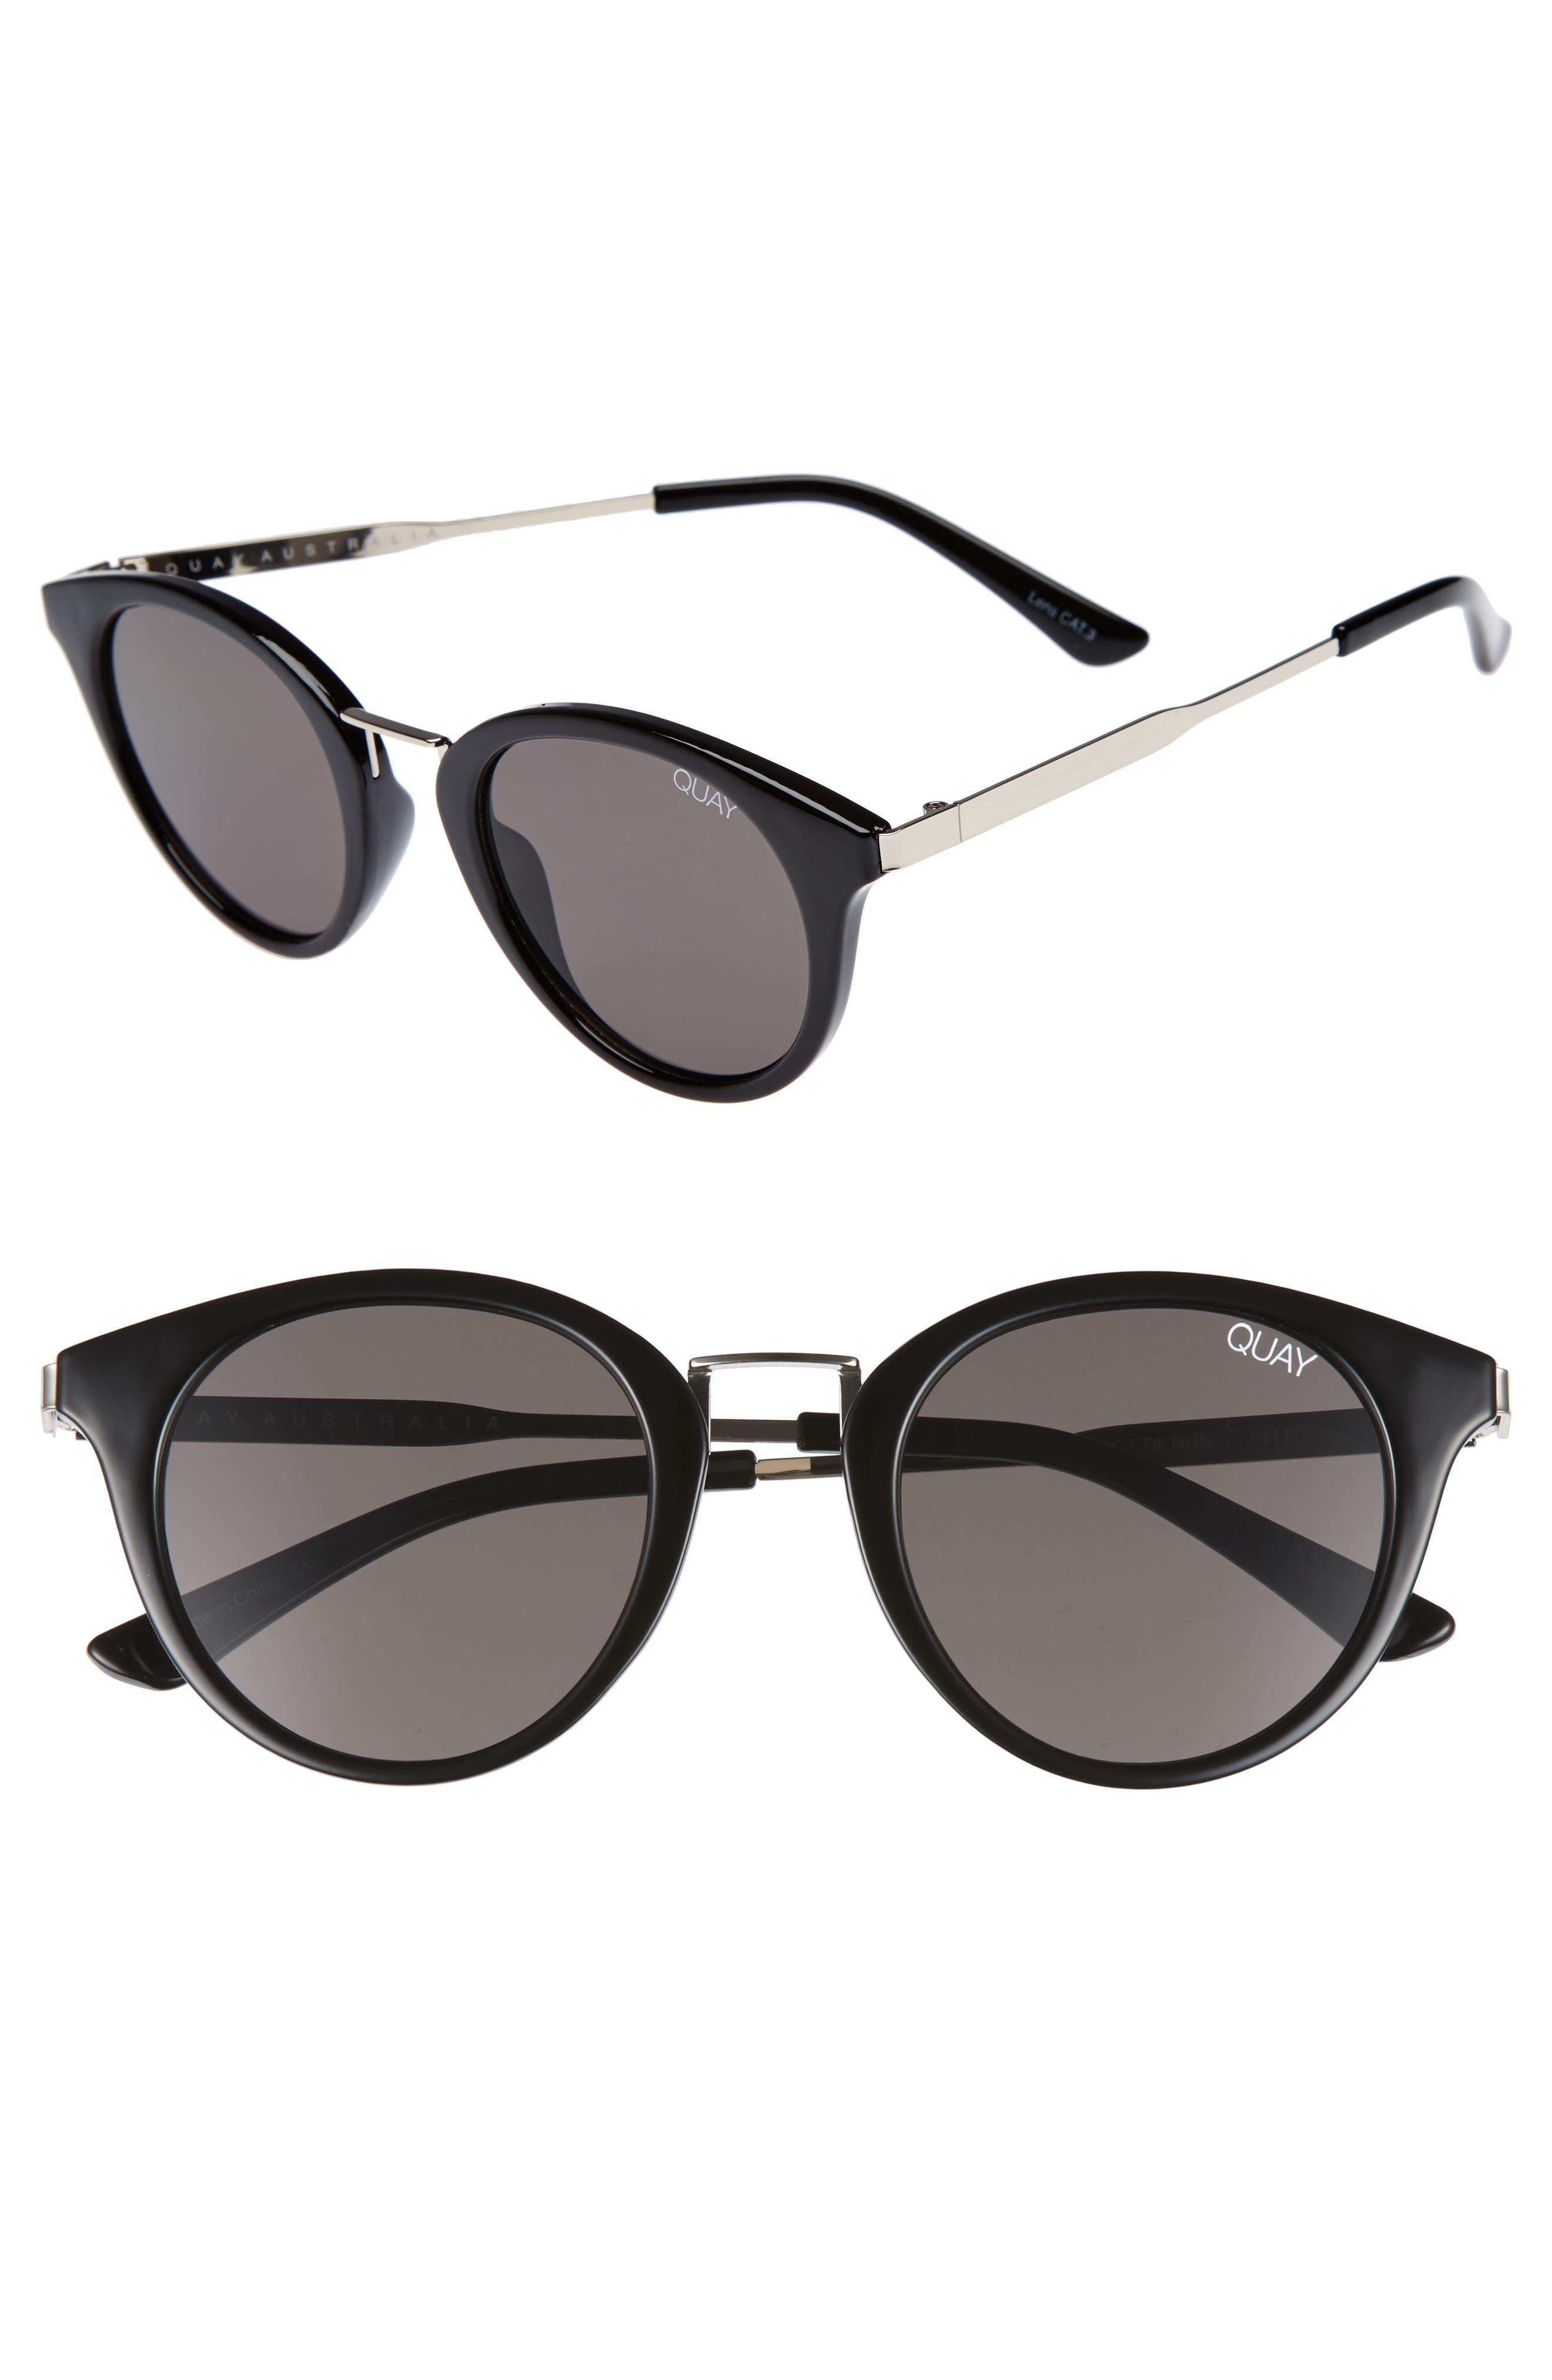 Gotta Run 48mm Sunglasses,                         Main,                         color, 001